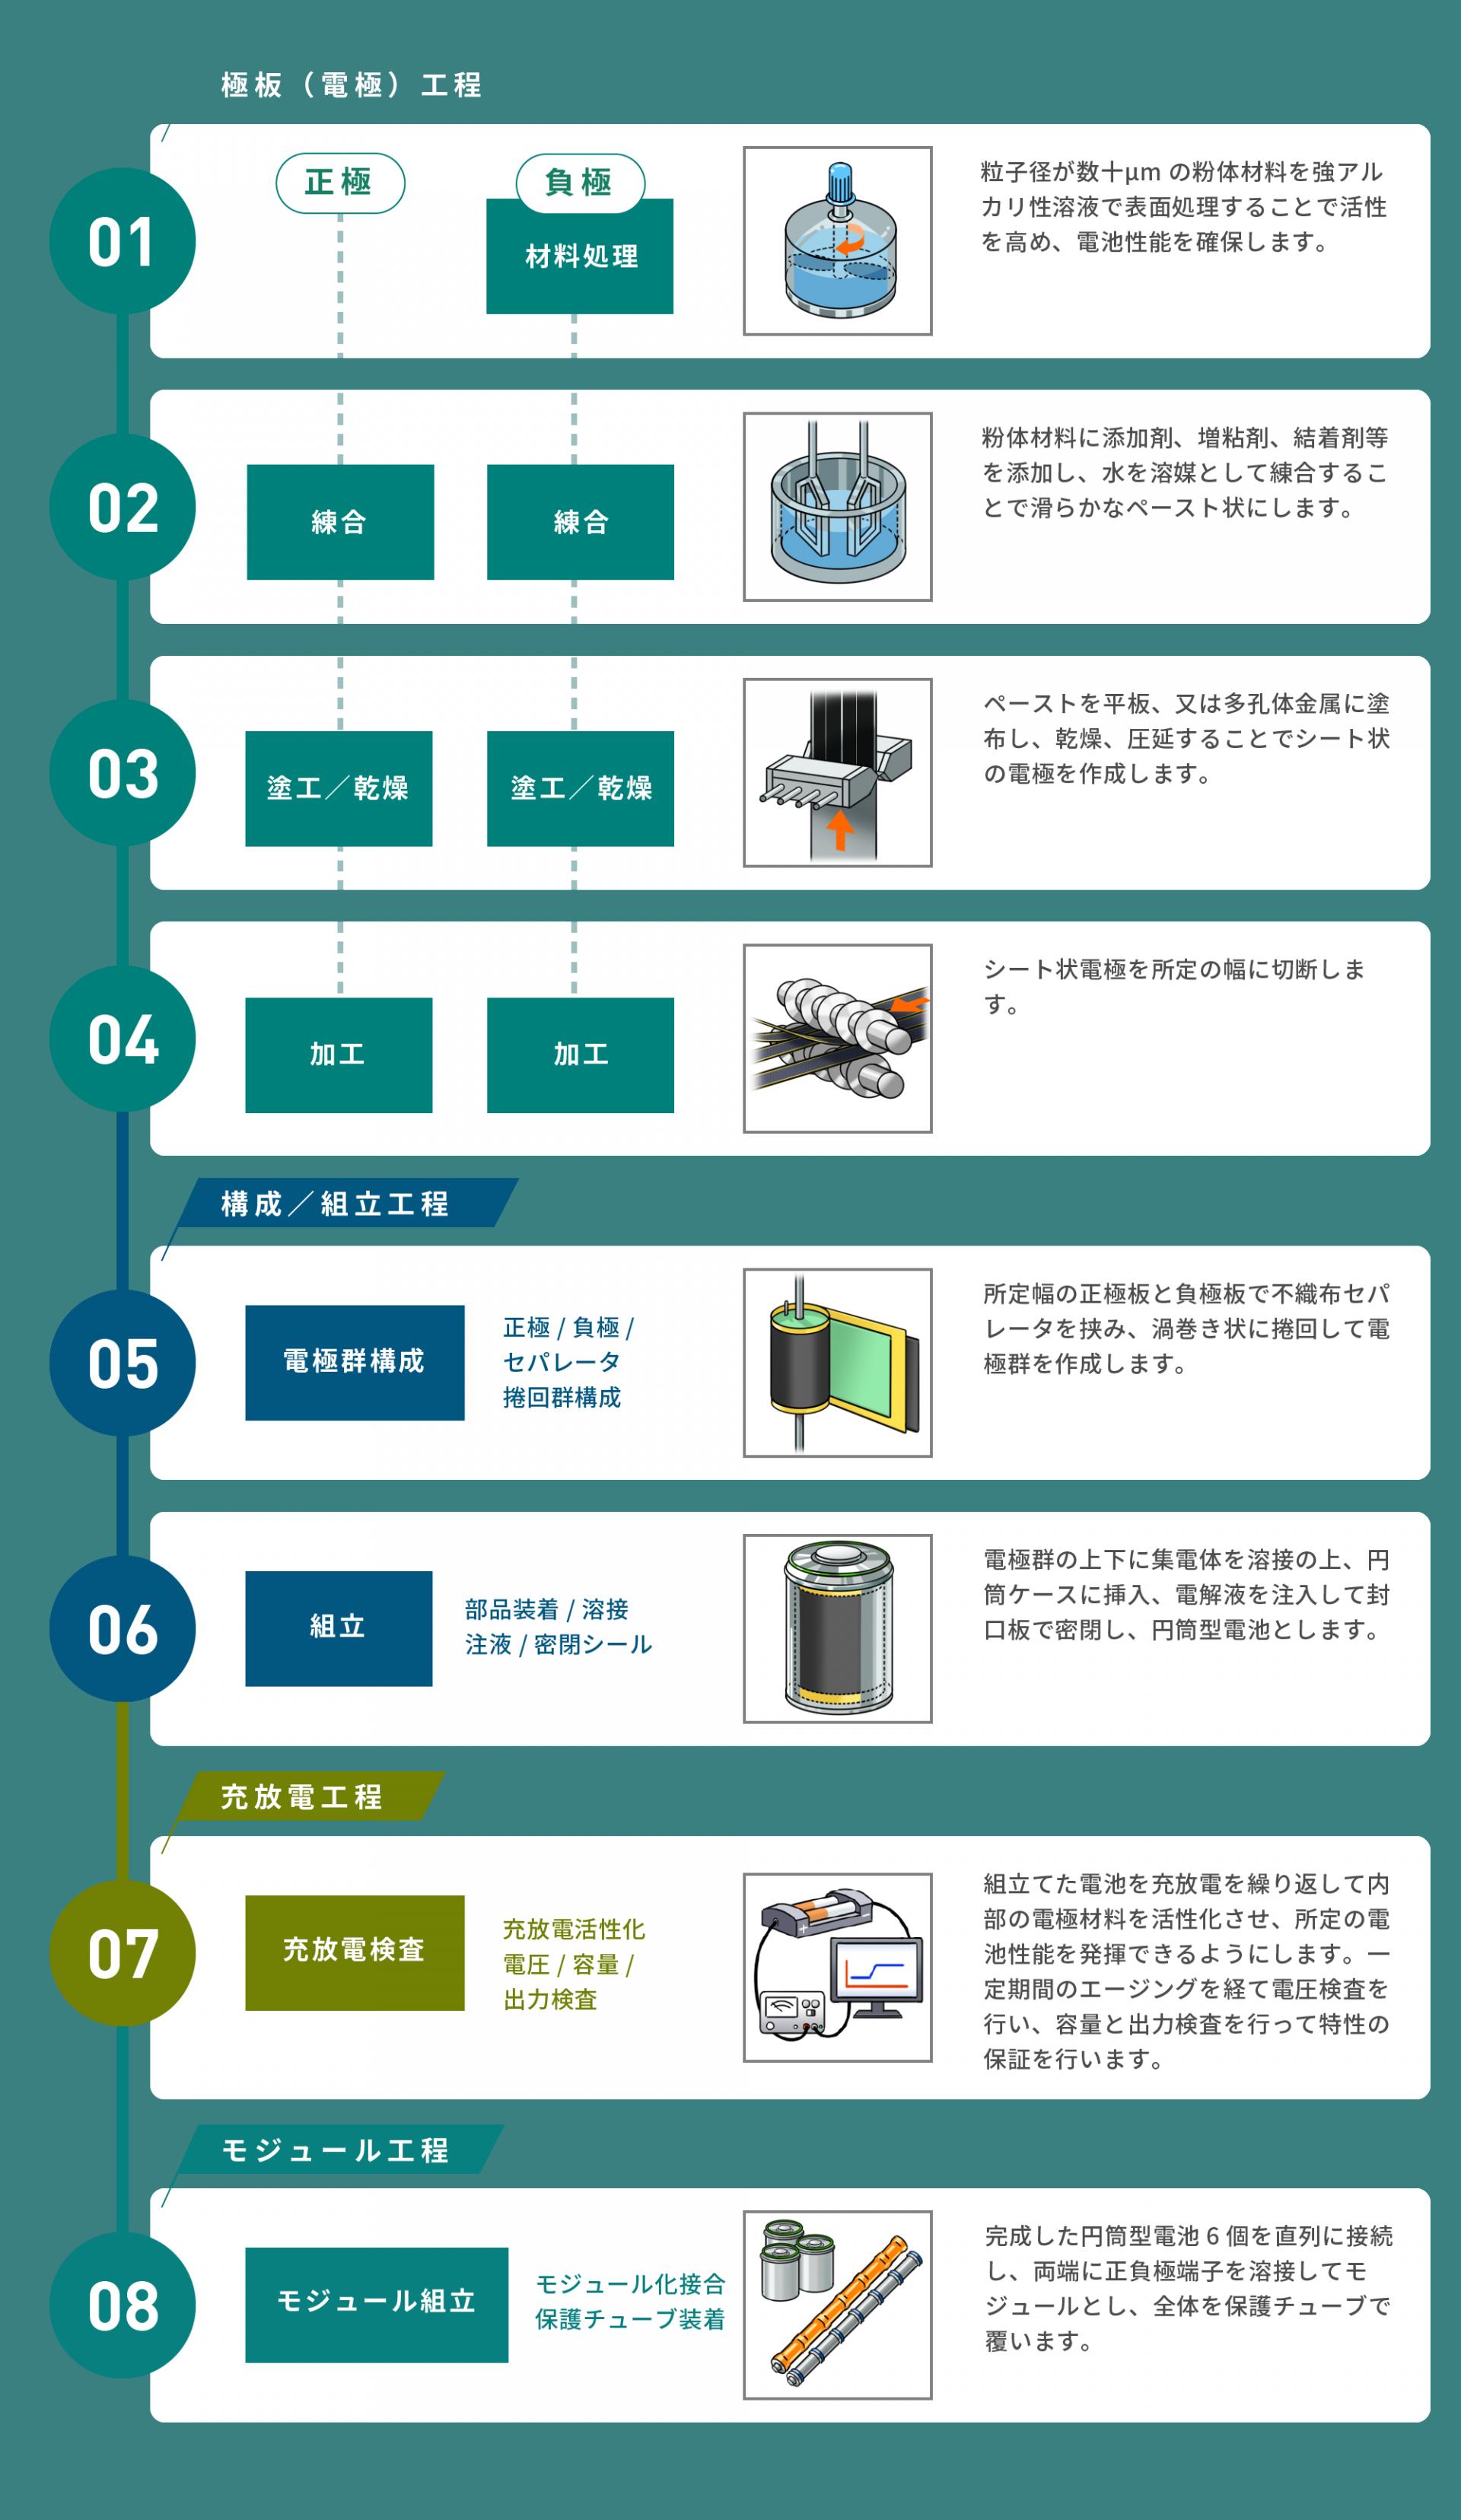 ニッケル水素電池の生産フロー